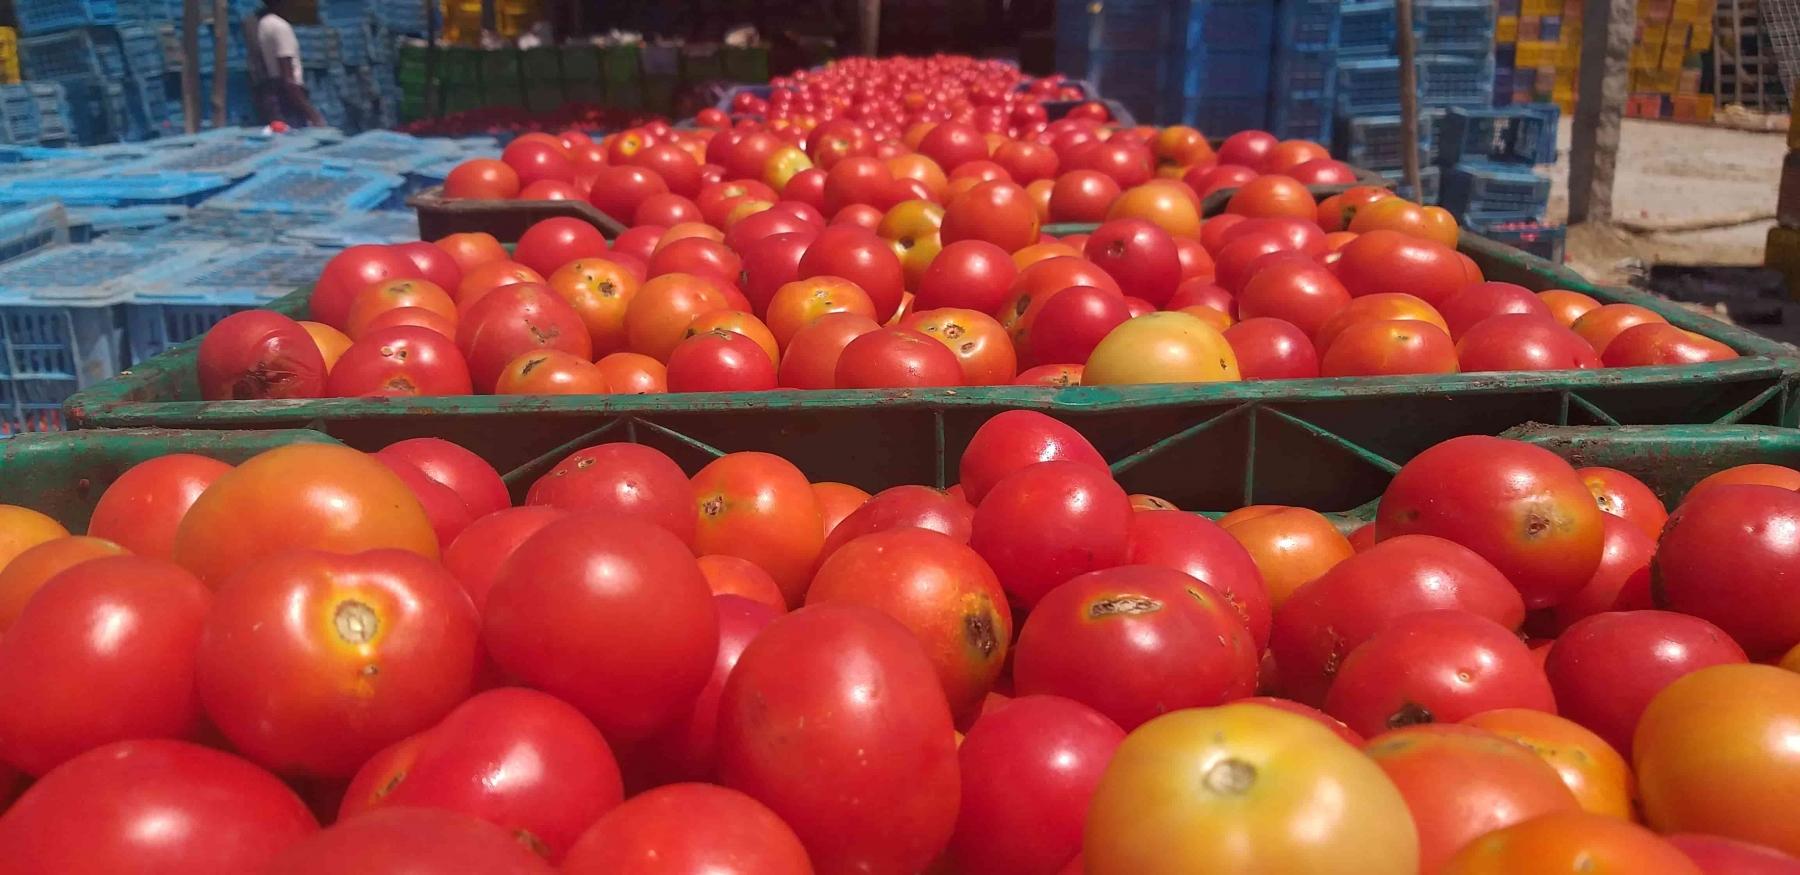 Madanapalle Tomato Market